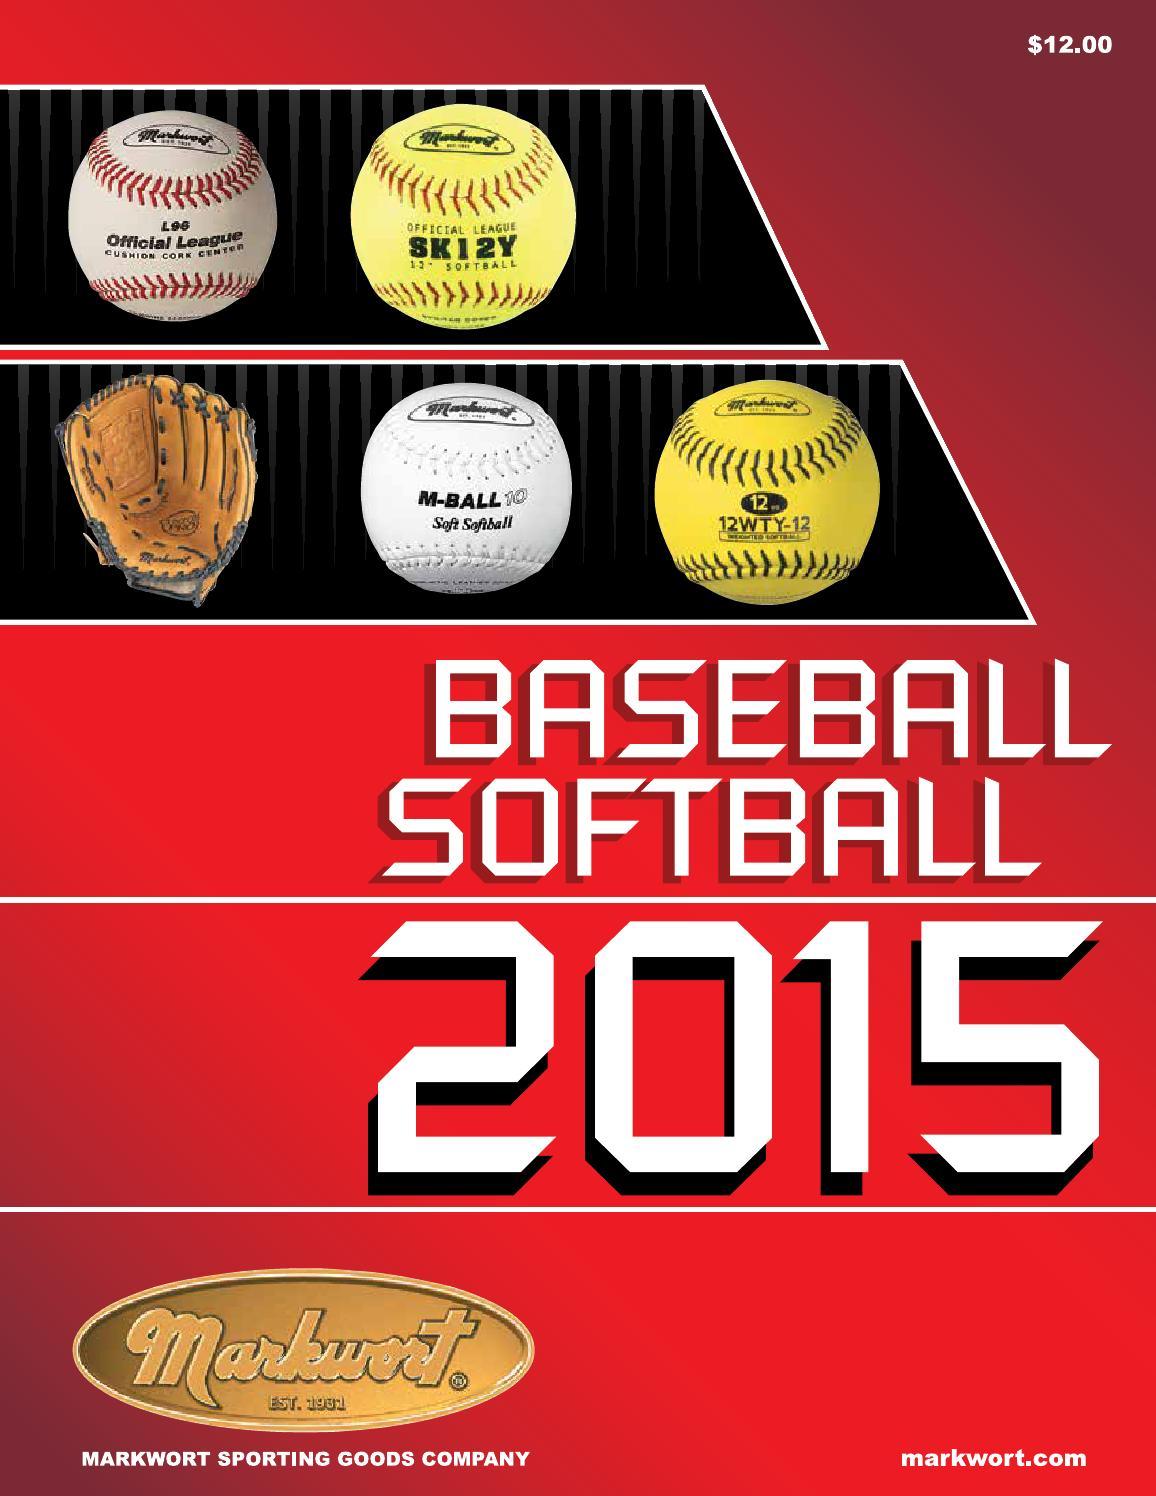 Markwort 2015 Baseball Softball Catalog by Markwort Sporting Goods - issuu 6dc00602e